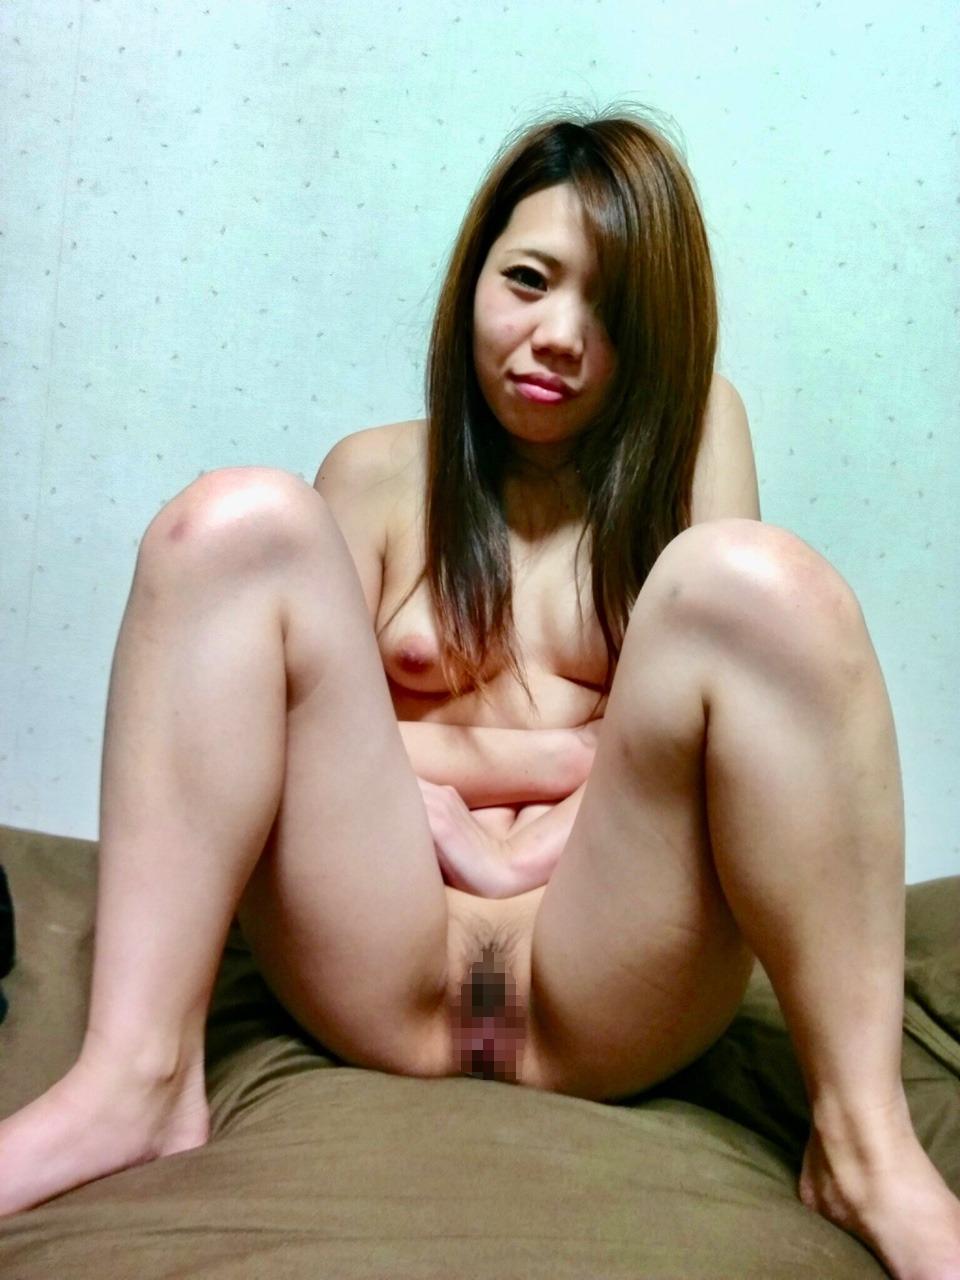 キュートなガールフレンドのプライベートヌード画像 8